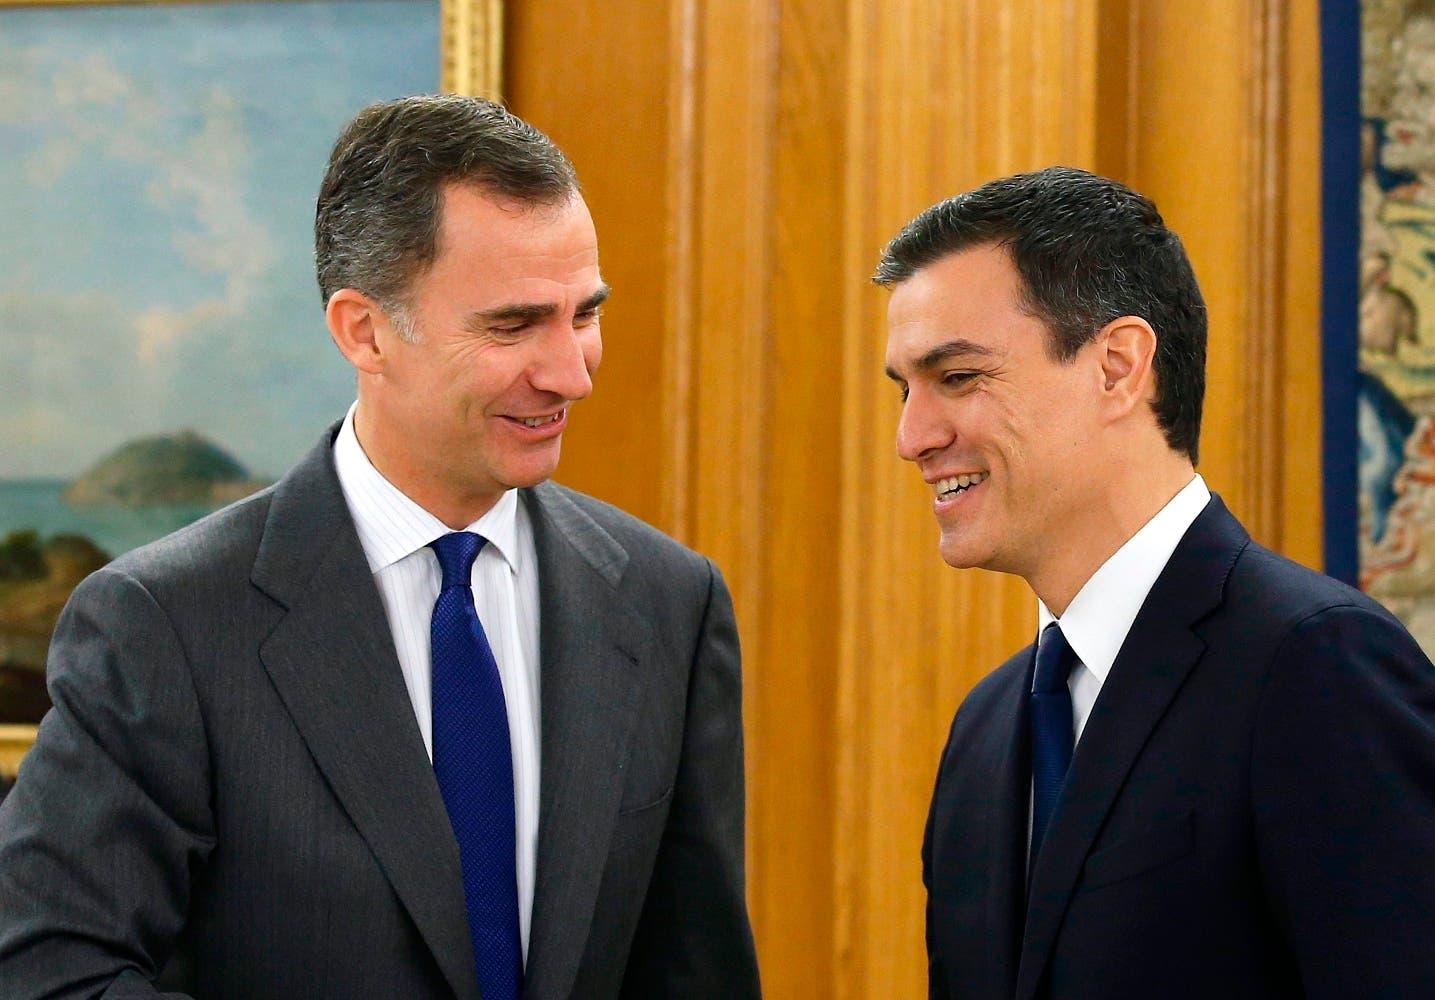 Rey de España no propondrá más candidatos y da tiempo a partidos para negociar